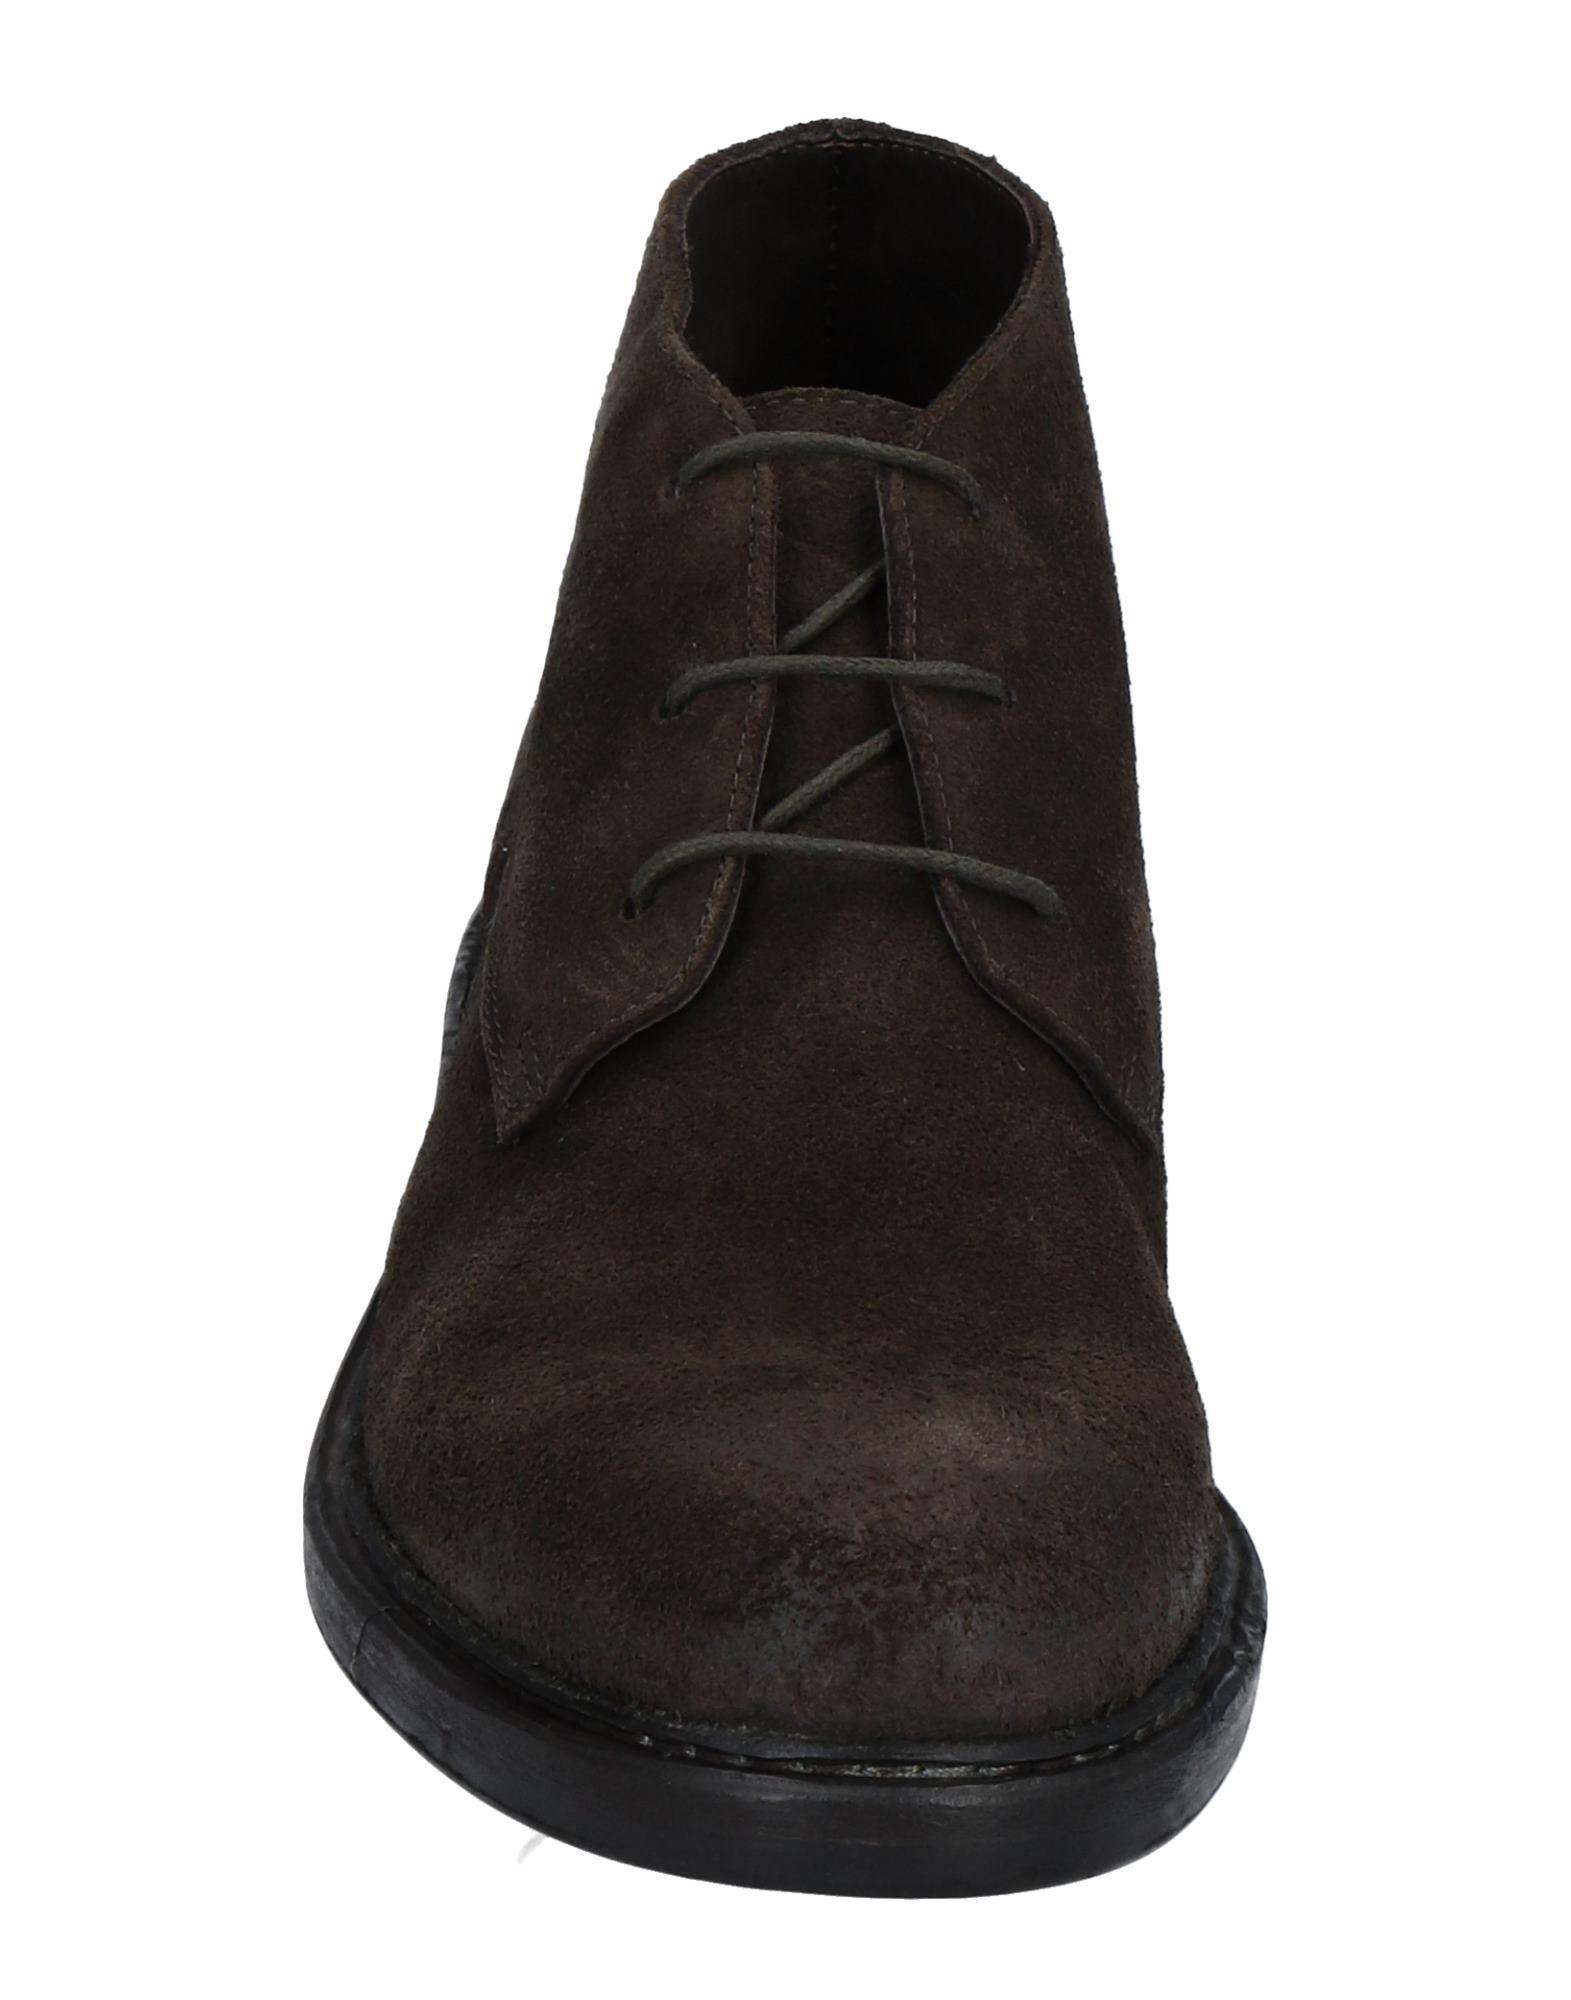 Rabatt echte Kingston Schuhe Kingston echte Stiefelette Herren  11511897LA e2f7f2